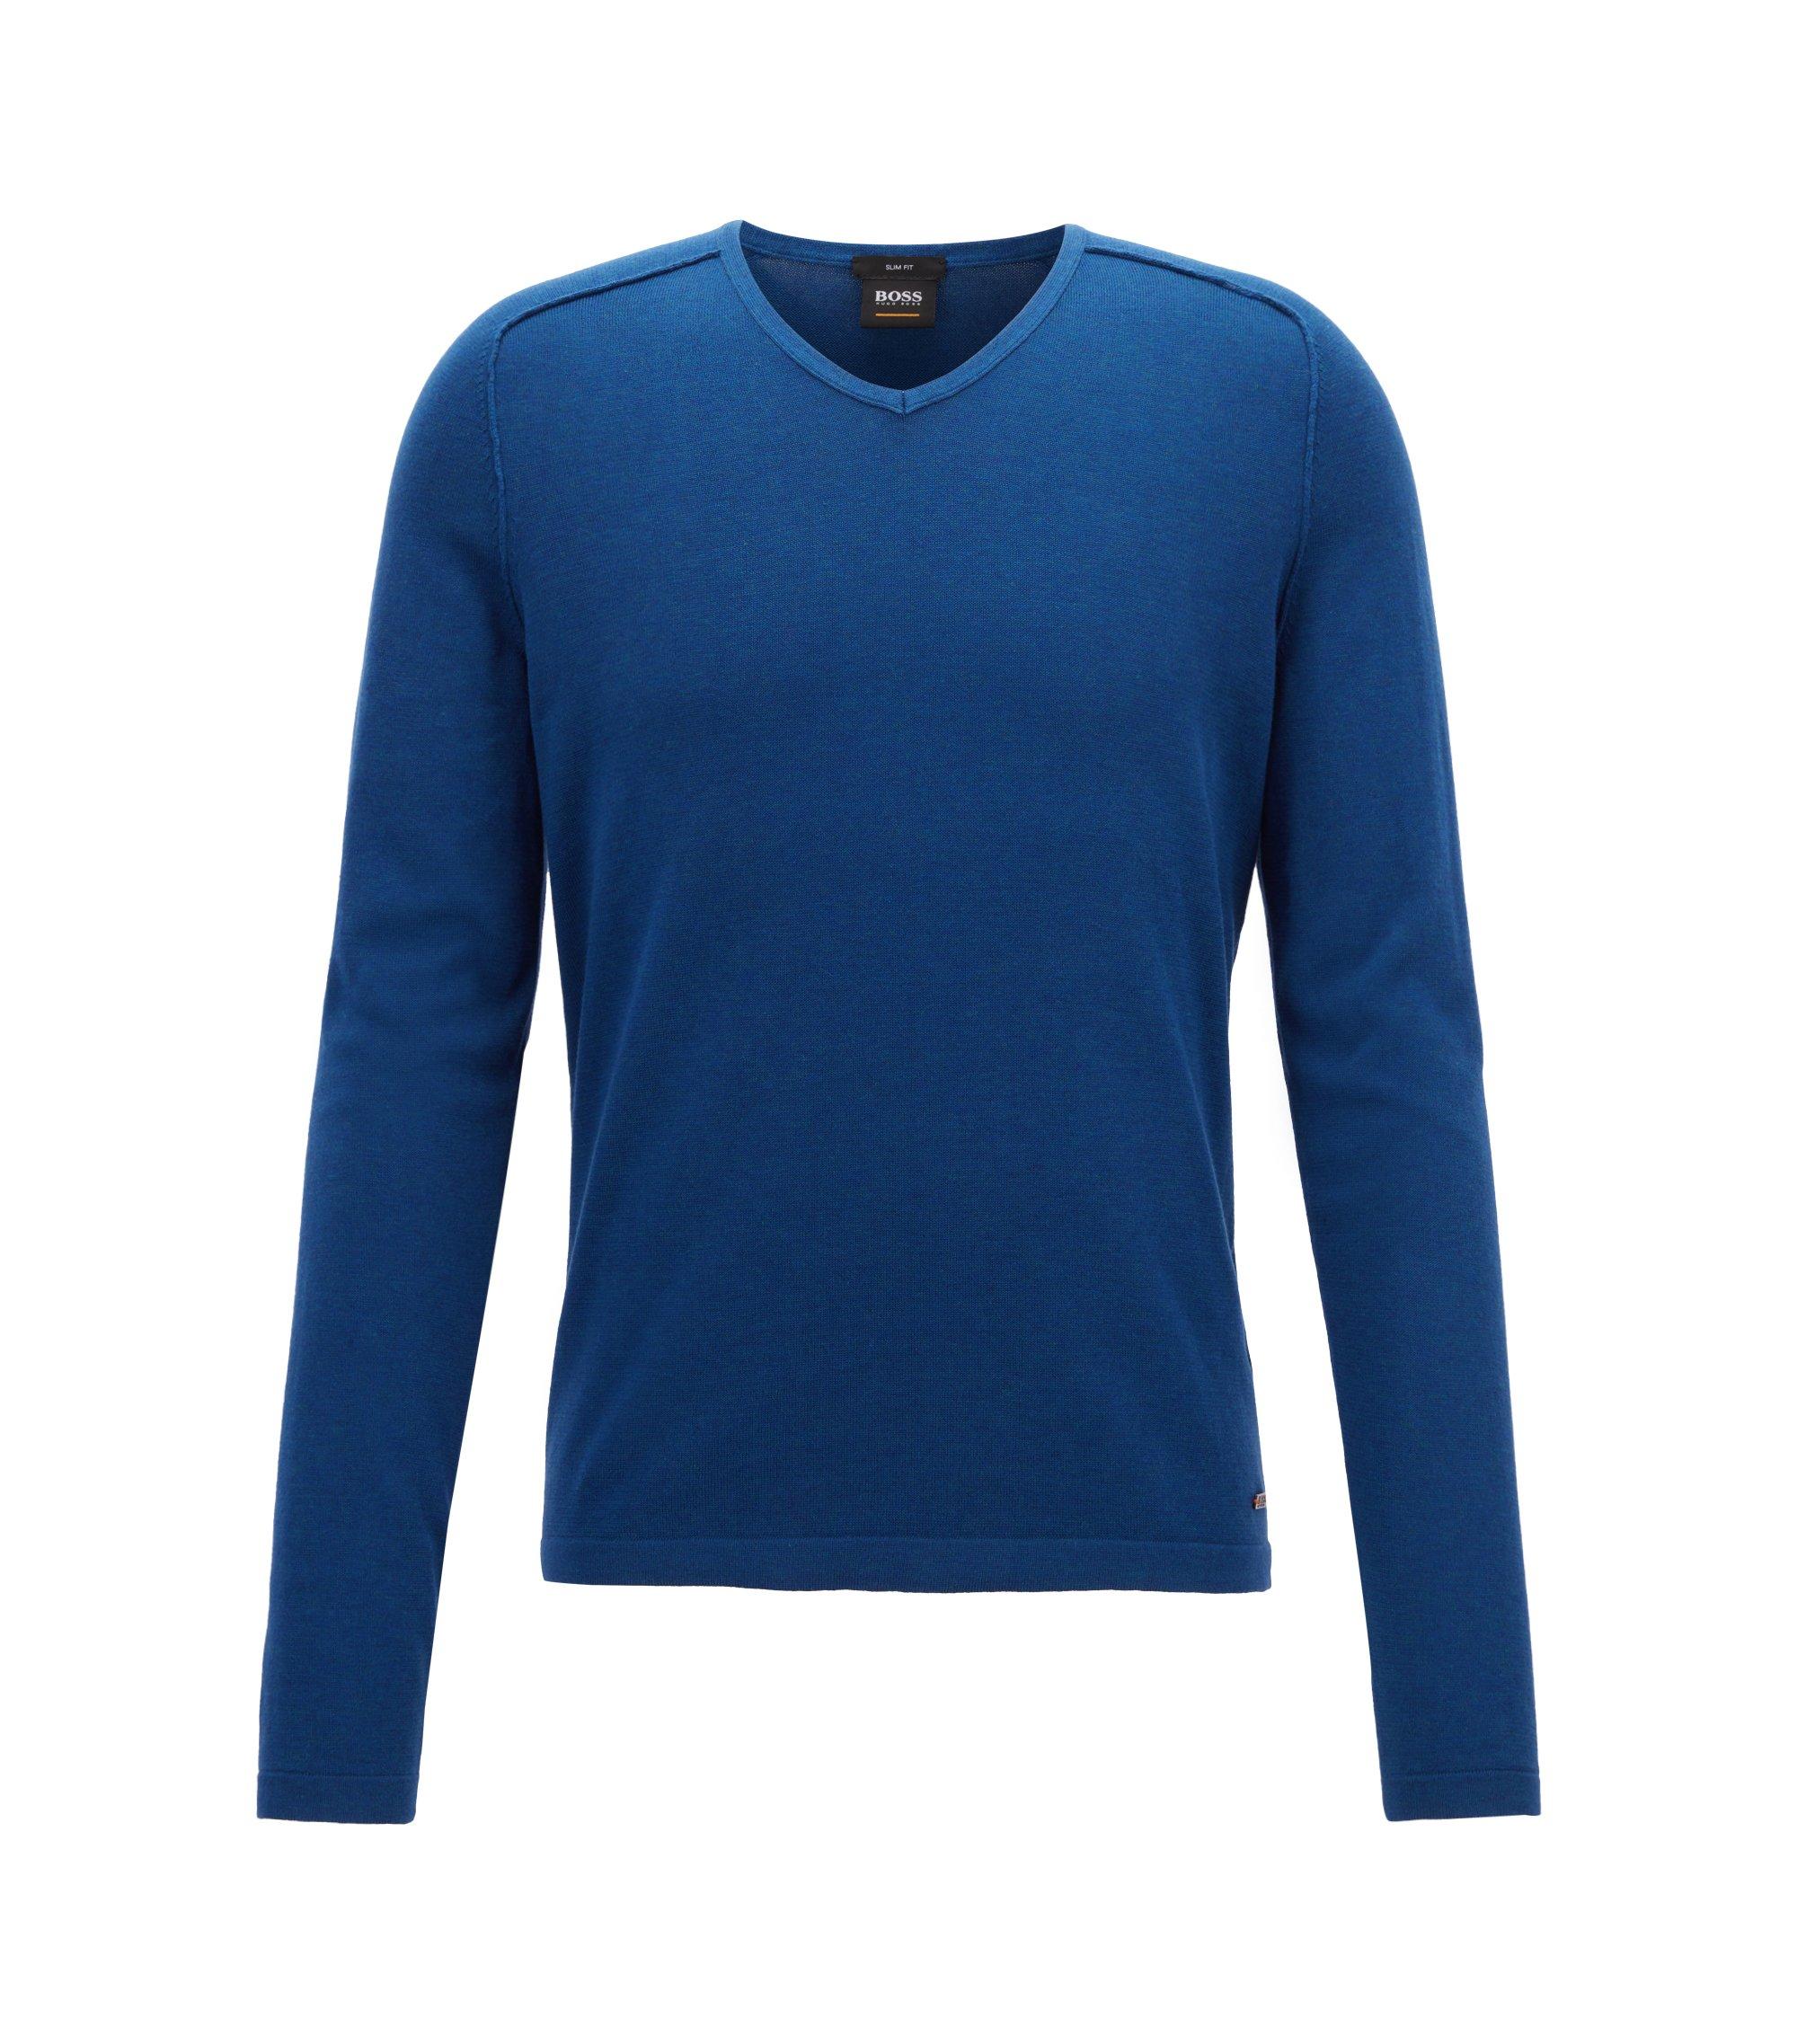 Pullover aus gestrickter Baumwolle mit V-Ausschnitt und Paspel-Details, Blau